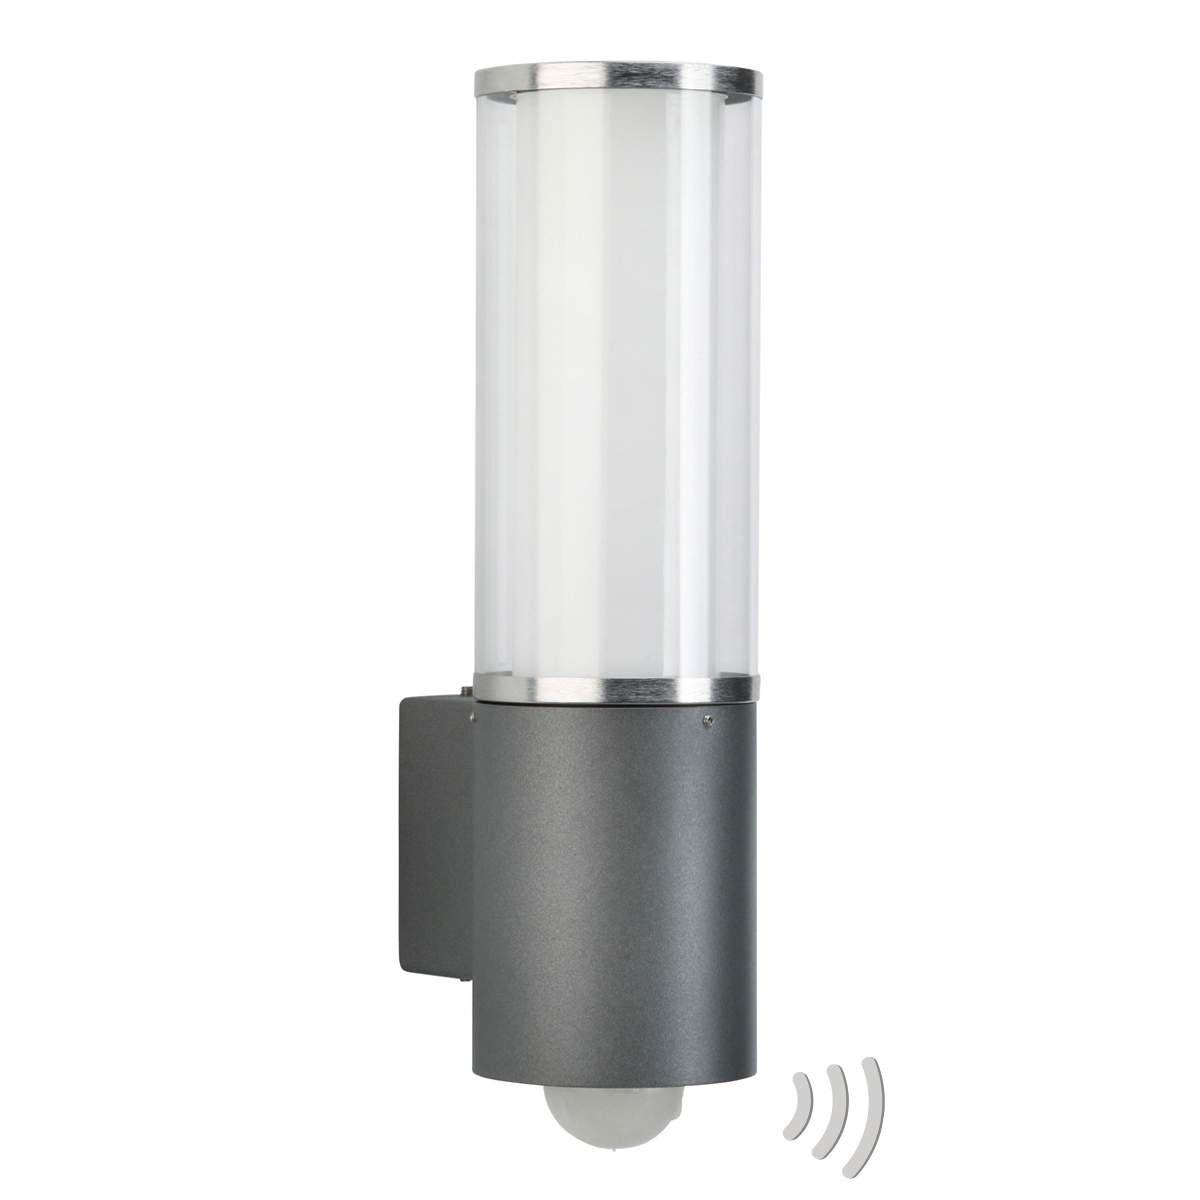 Aussen Wandleuchte Elettra Mit Bewegungsmelder Von Albert Leuchten Albert Leuchten Lampe Mit Bewegungsmelder Wandleuchte